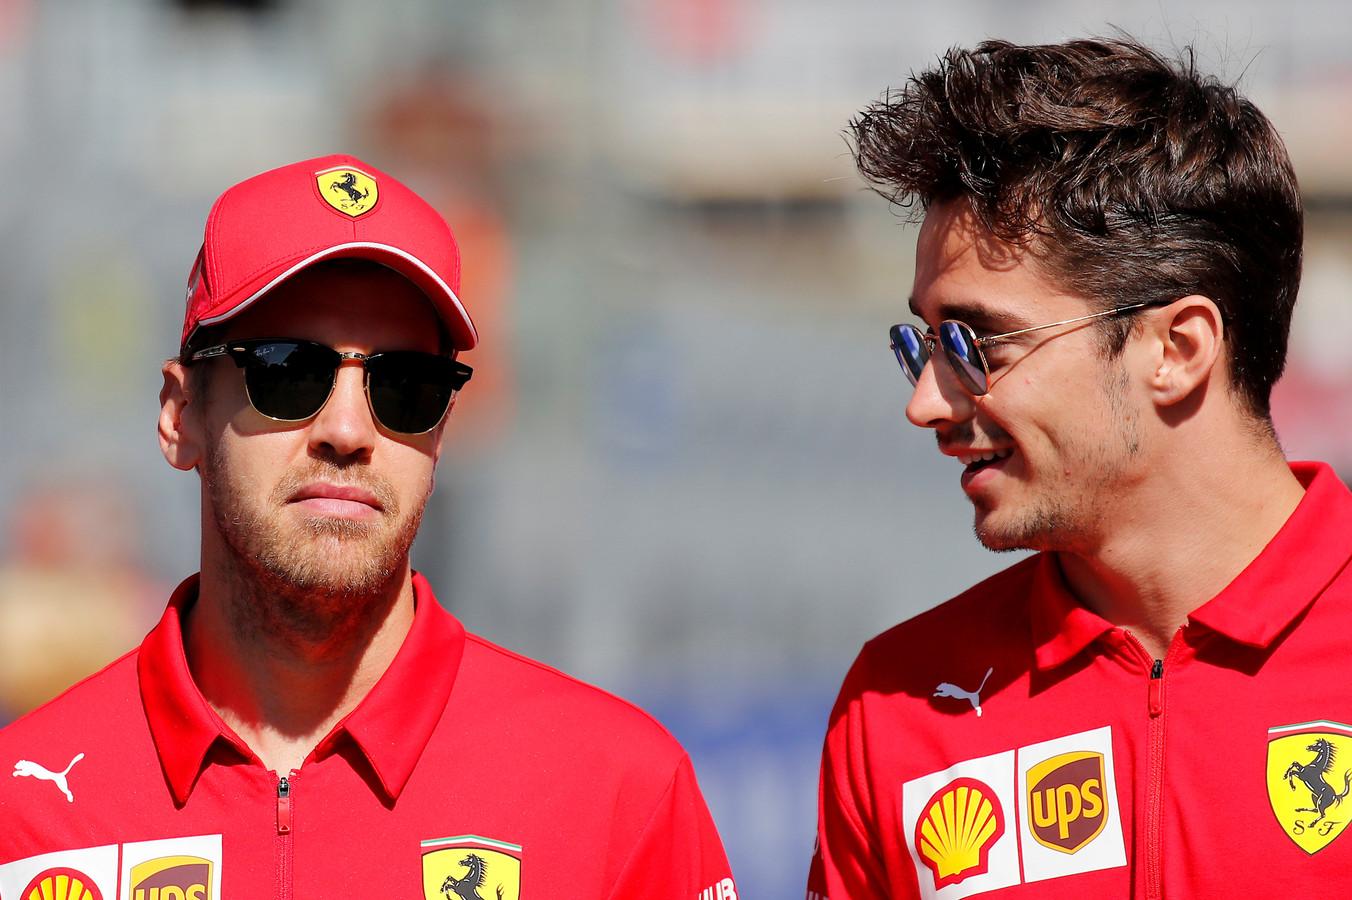 Er staat spanning op de relatie tussen Sebastian Vettel en Charles Leclerc.